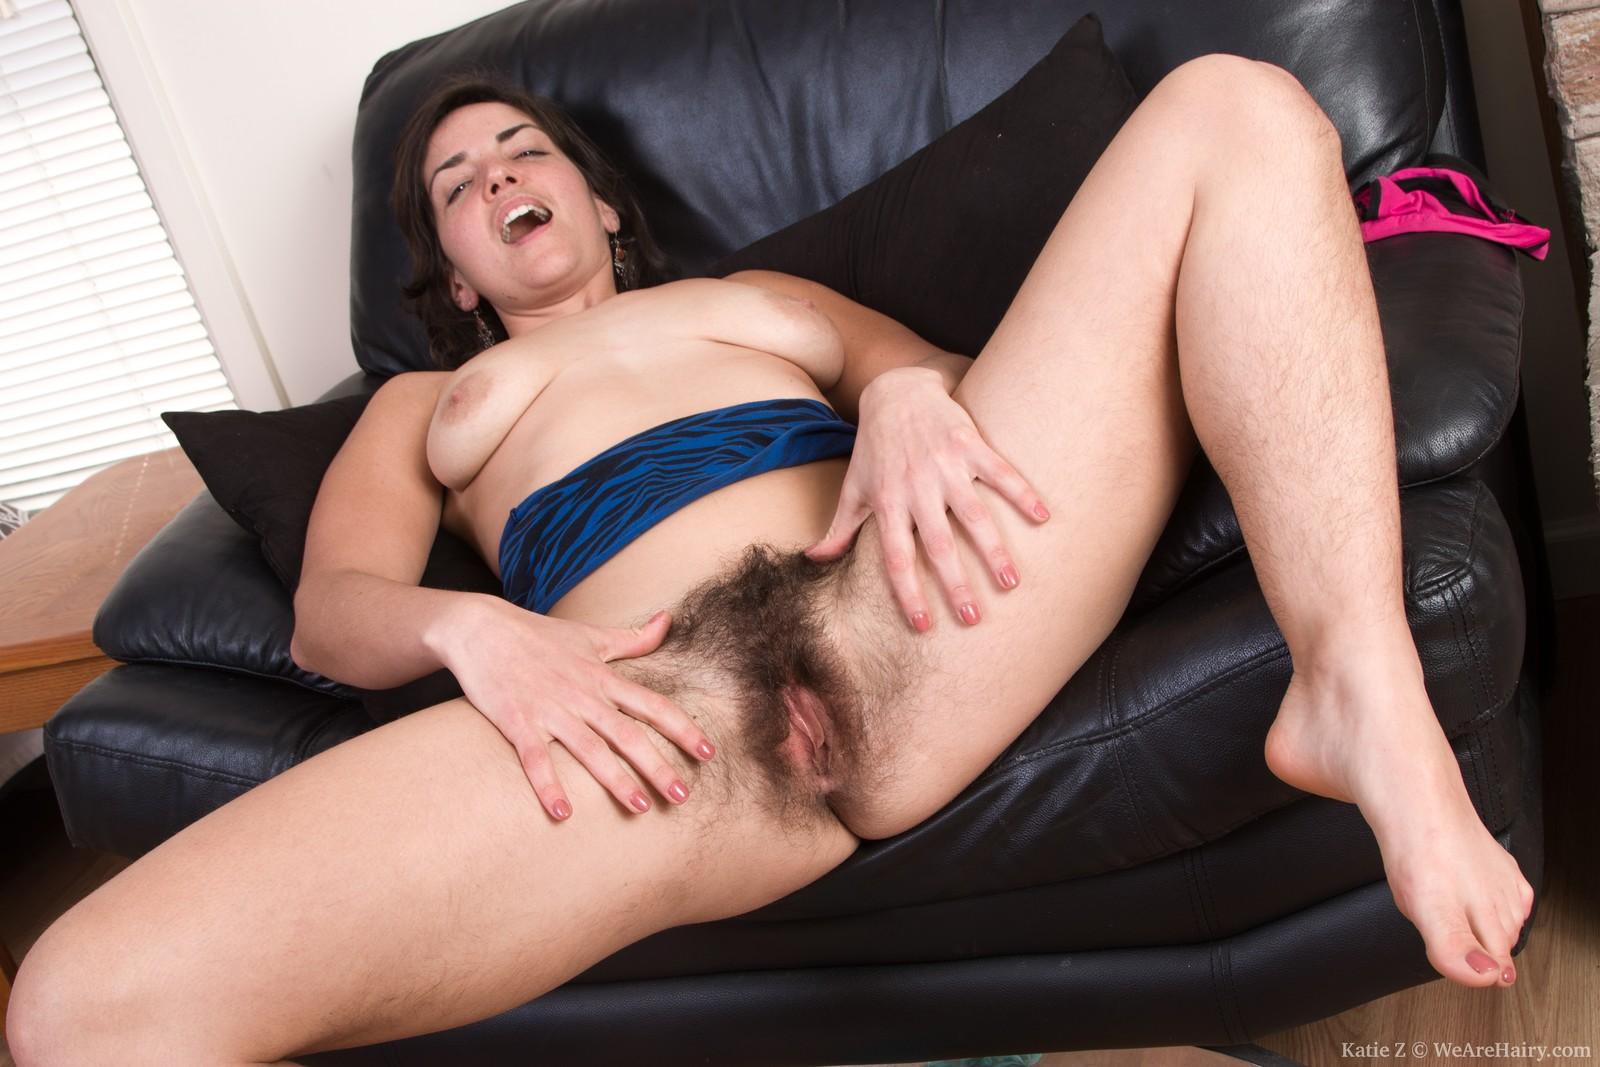 mature adult women legs stories tgp